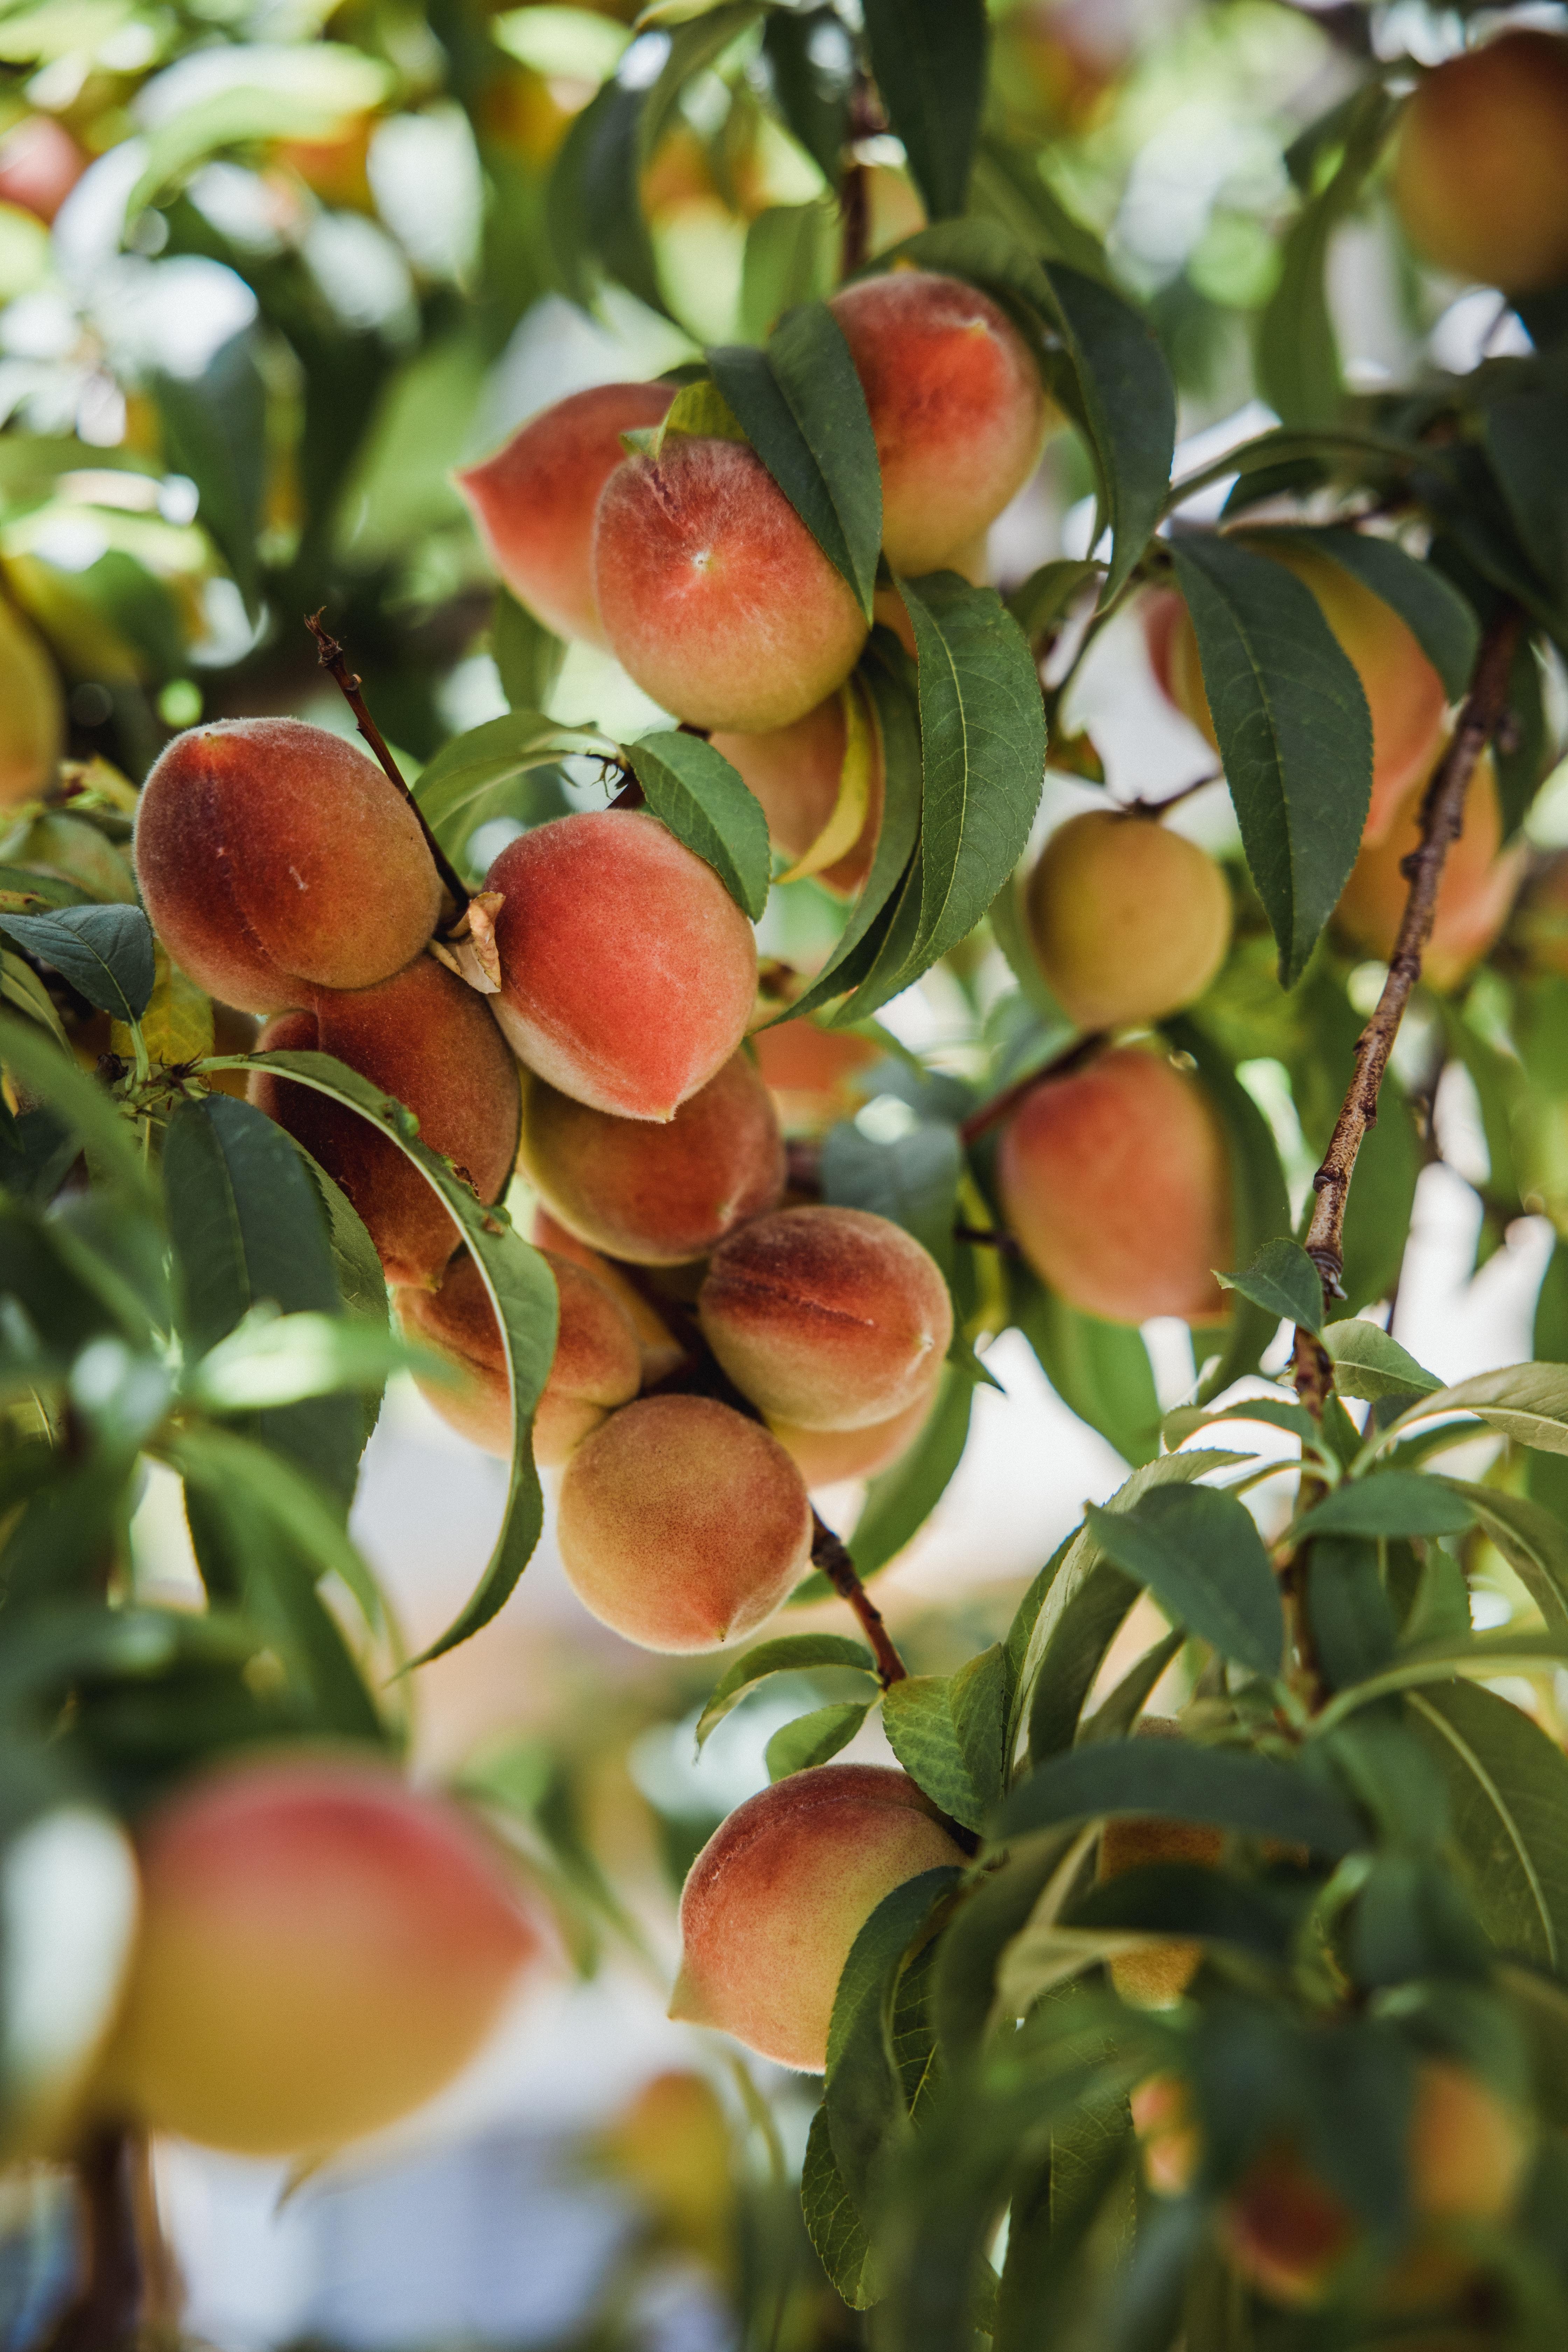 157625 скачать обои Еда, Персики, Дерево, Ветки, Листья, Фрукты - заставки и картинки бесплатно